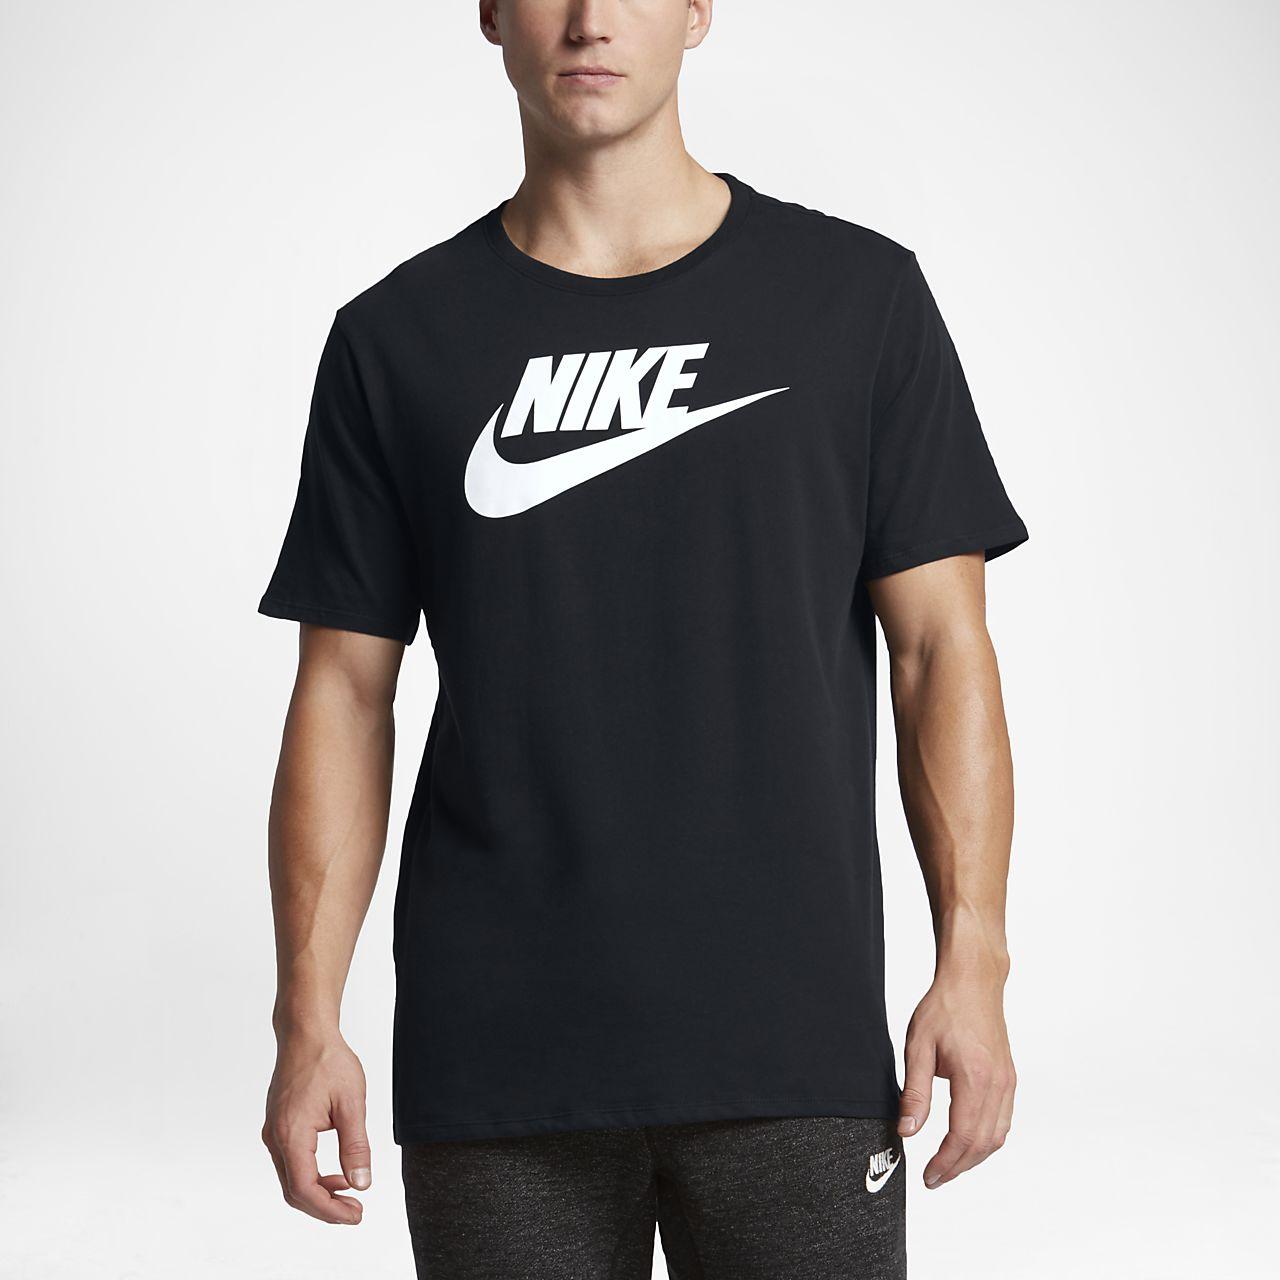 7cce92046c7d8 Playera para hombre con logotipo nike sportswear jpg 1280x1280 Playera para  hombre nike